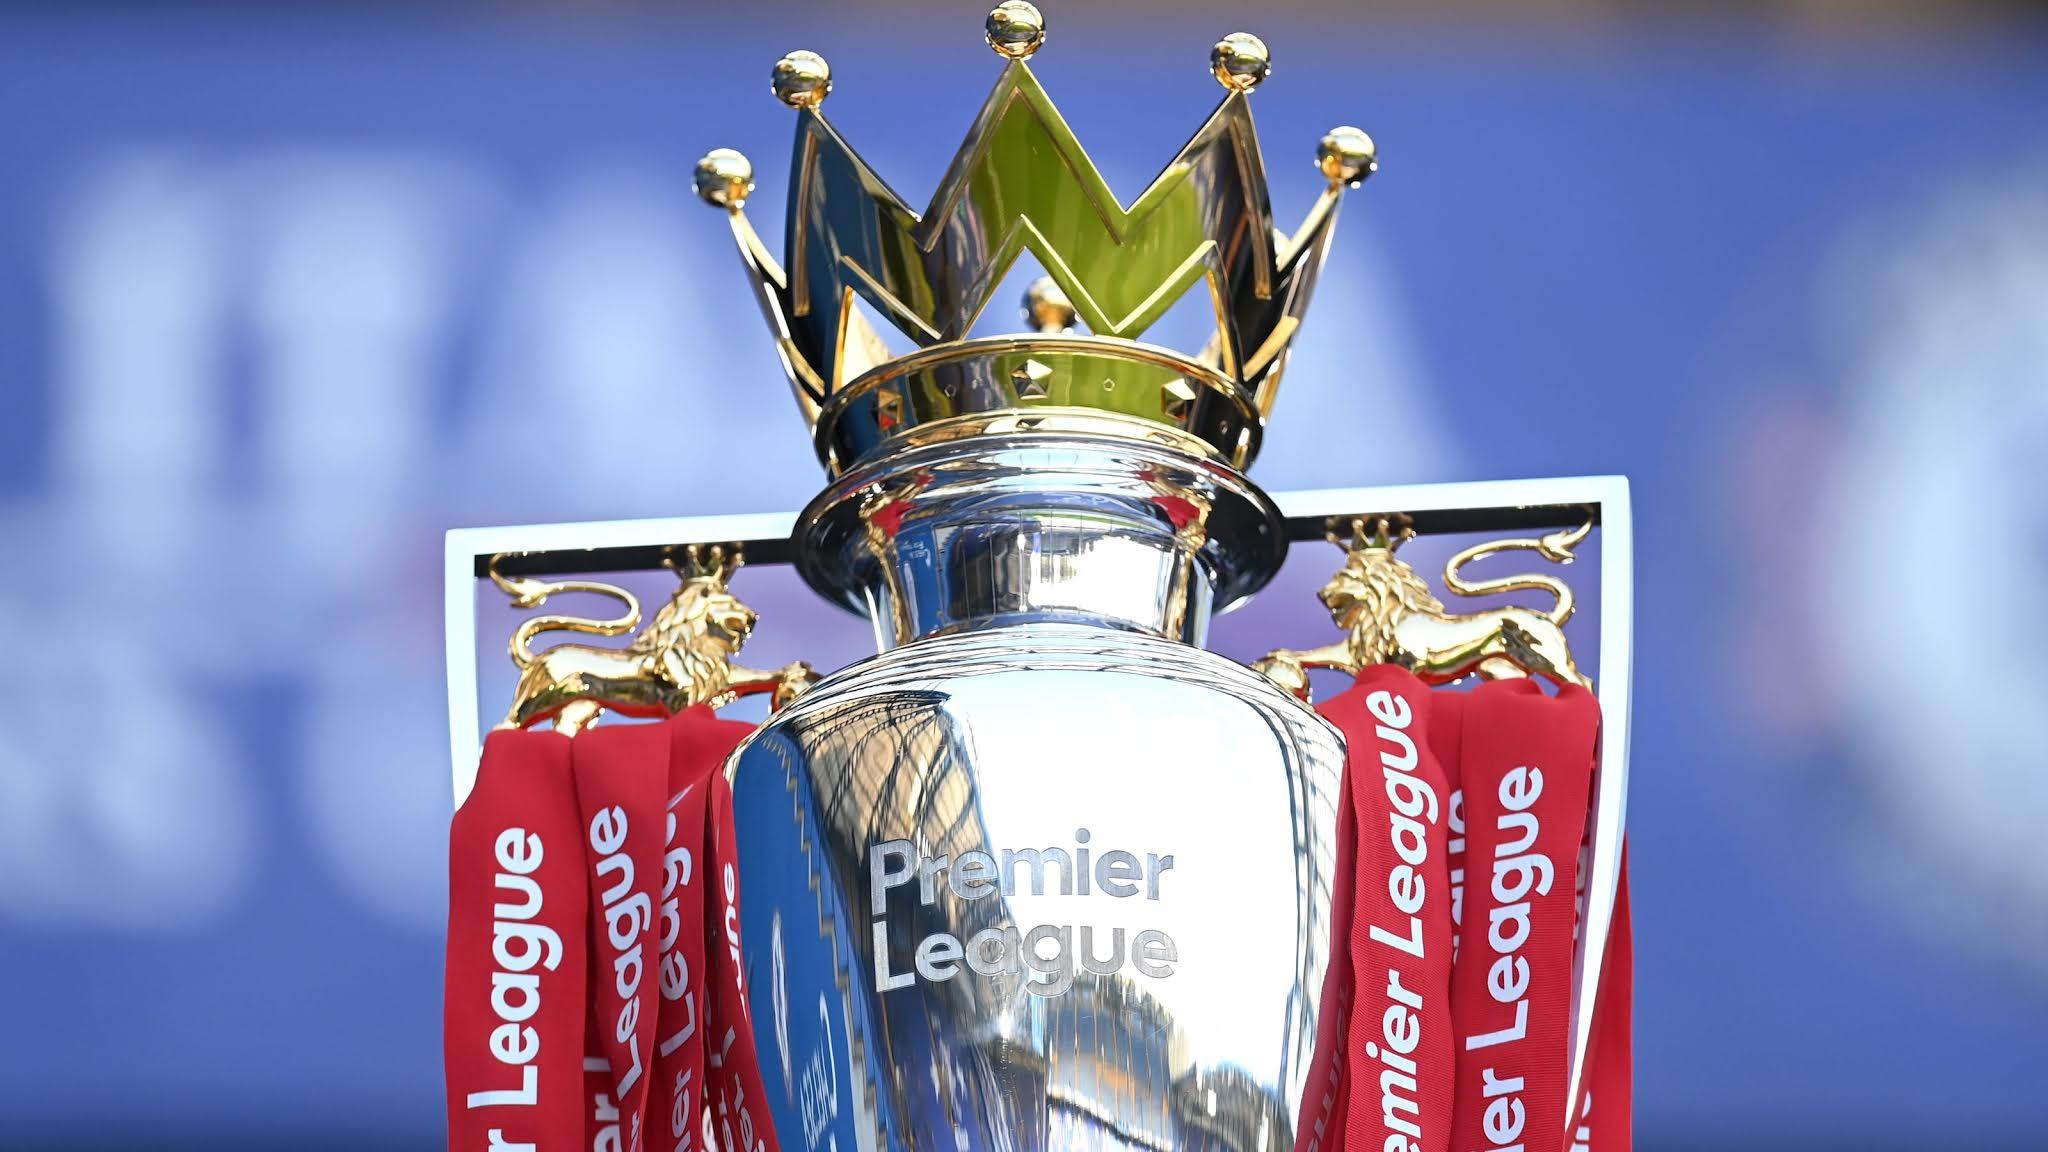 Jadual Perlawanan English Premier League (EPL) Untuk Musim Baru 2021/2022